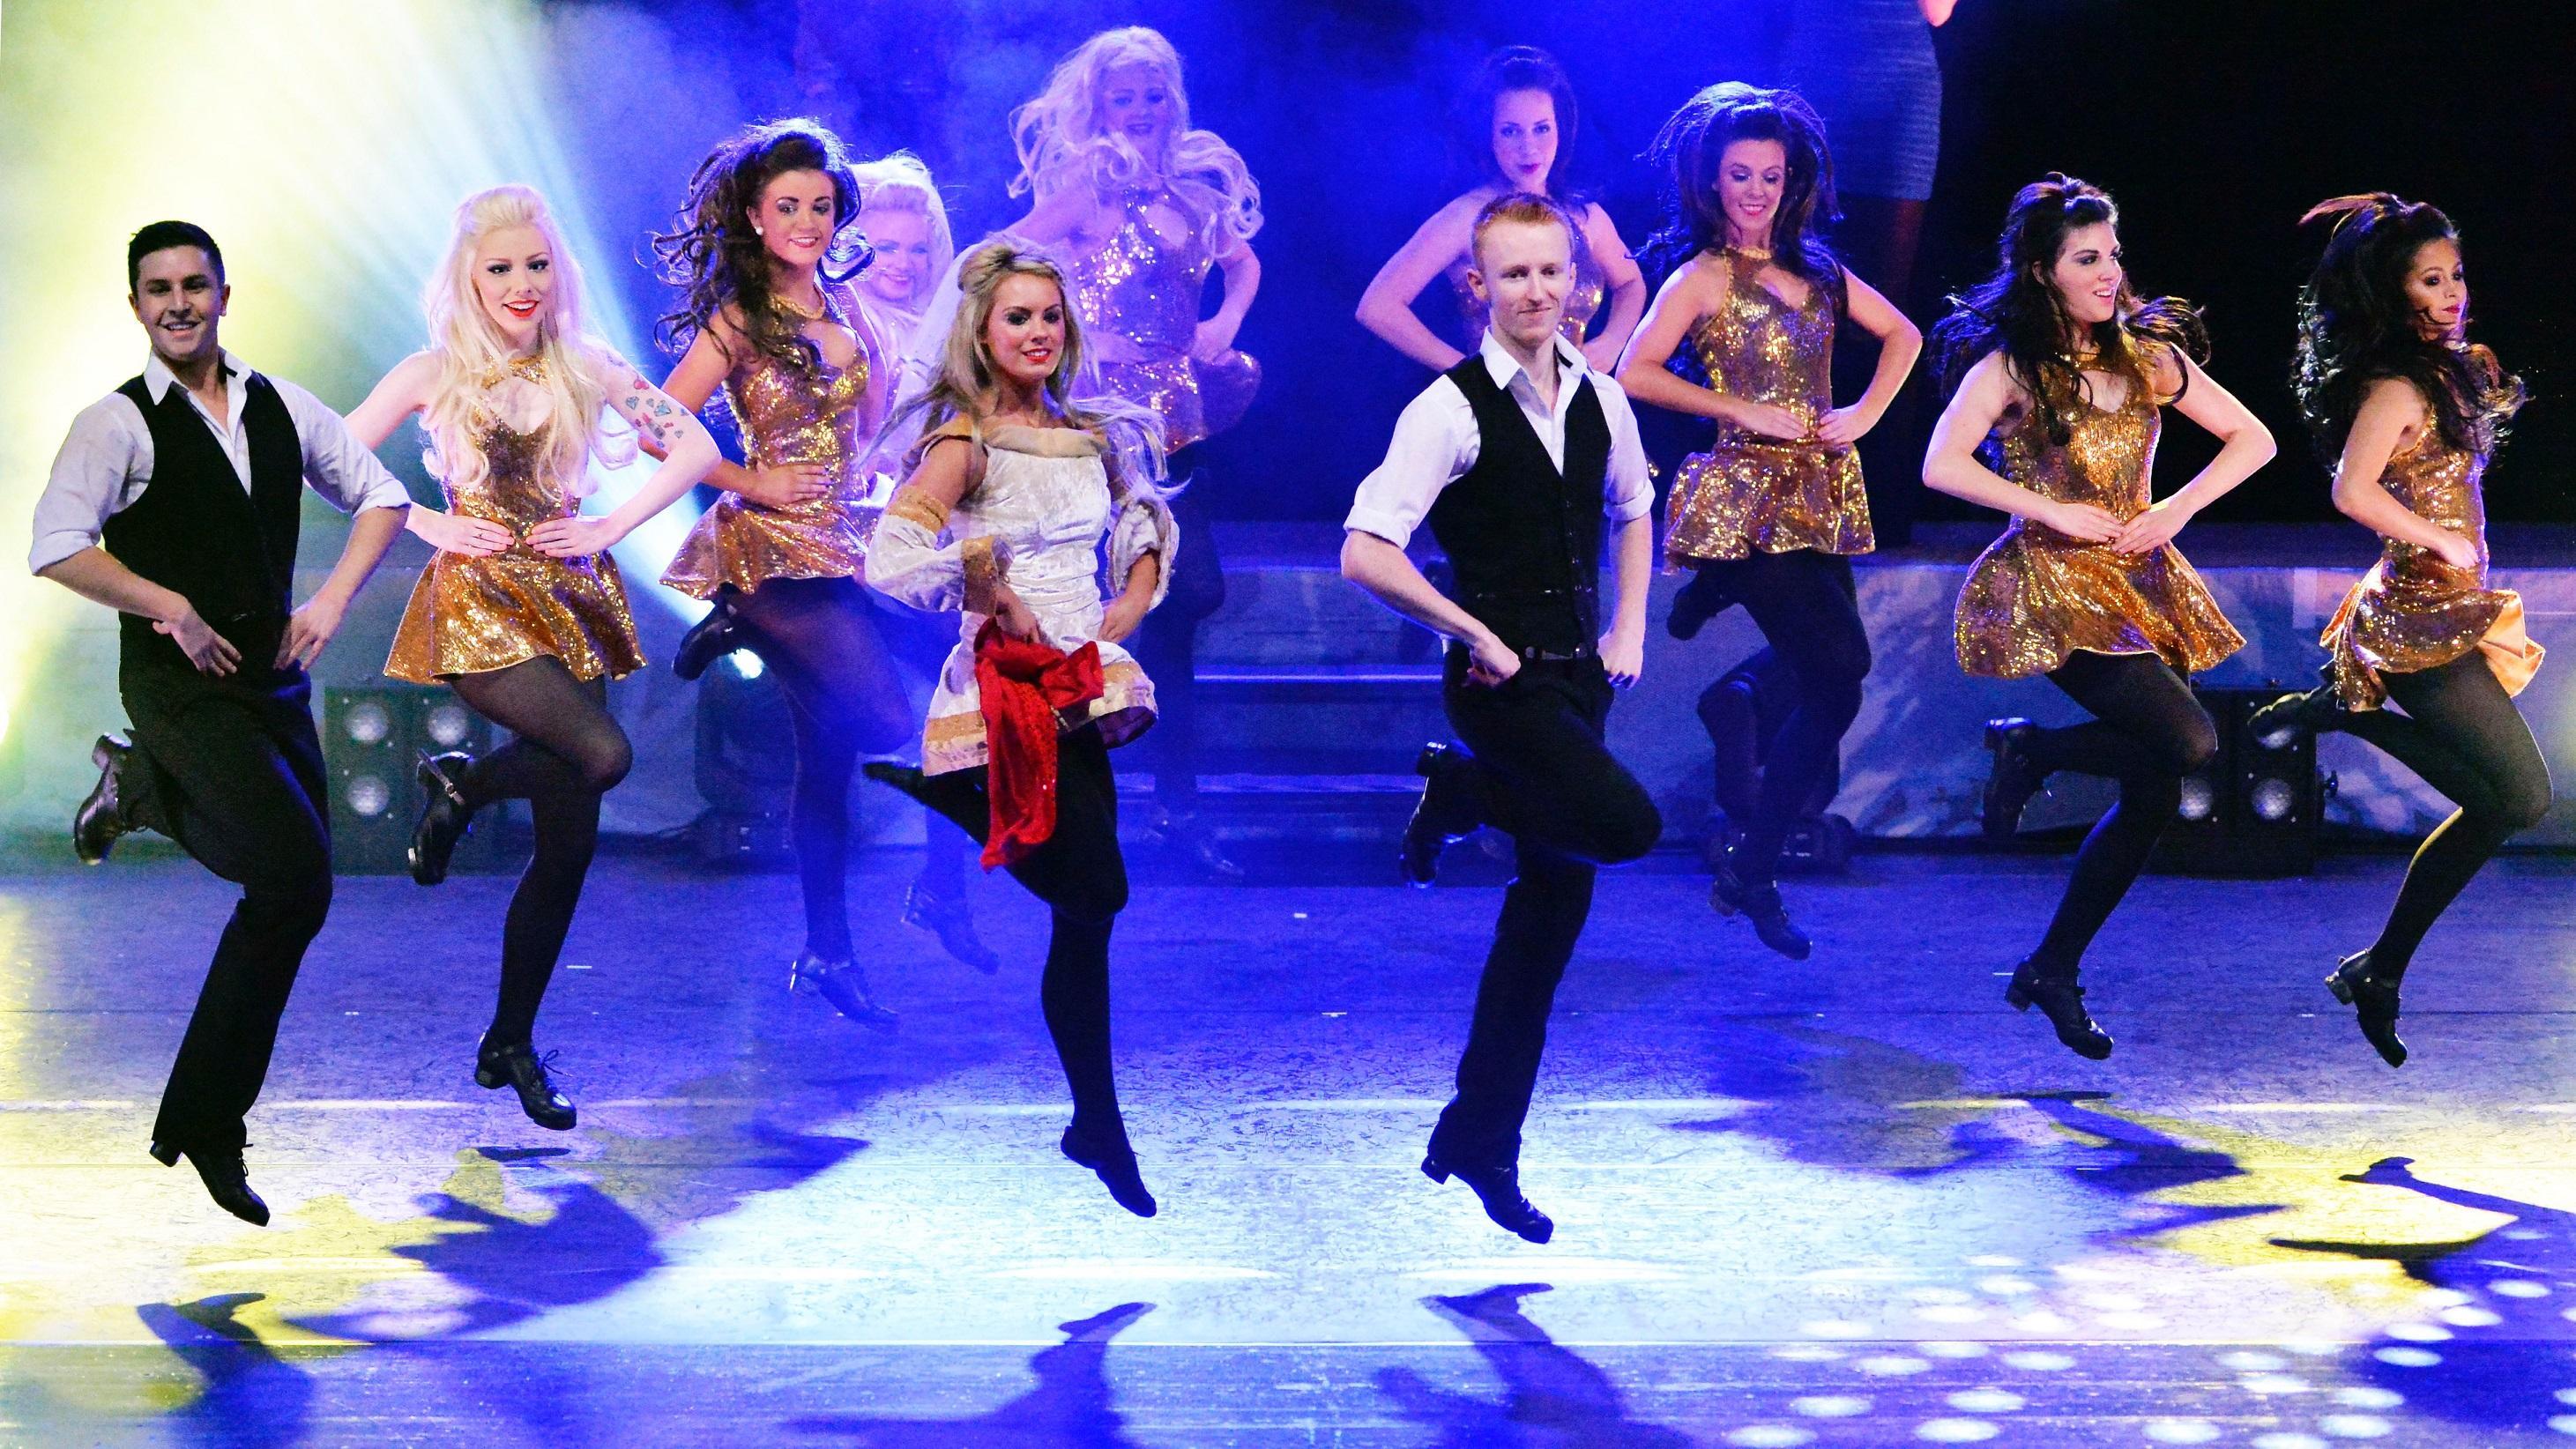 暑假,世界华人踢踏舞协会理事来为你颁发证书